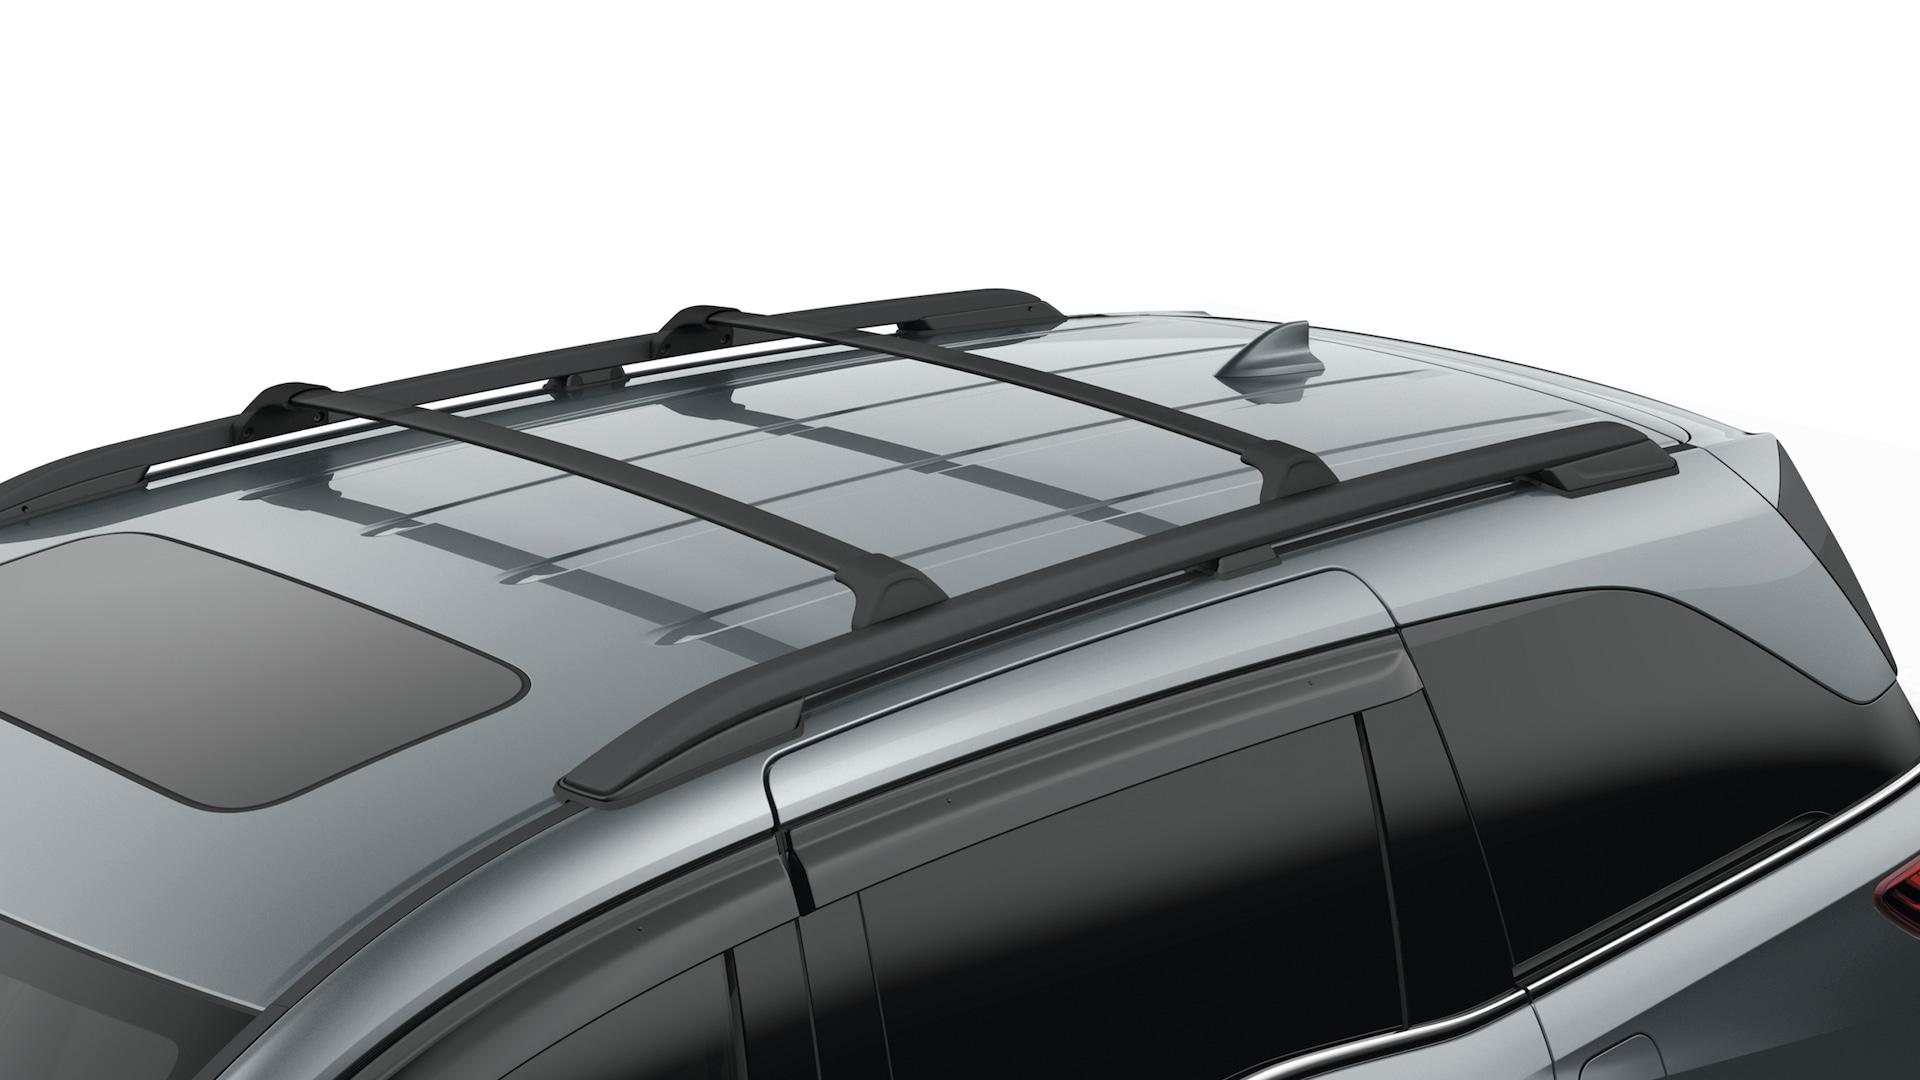 Detalle del accesorio: portaequipajes y barras transversales de la Honda Odyssey 2020.